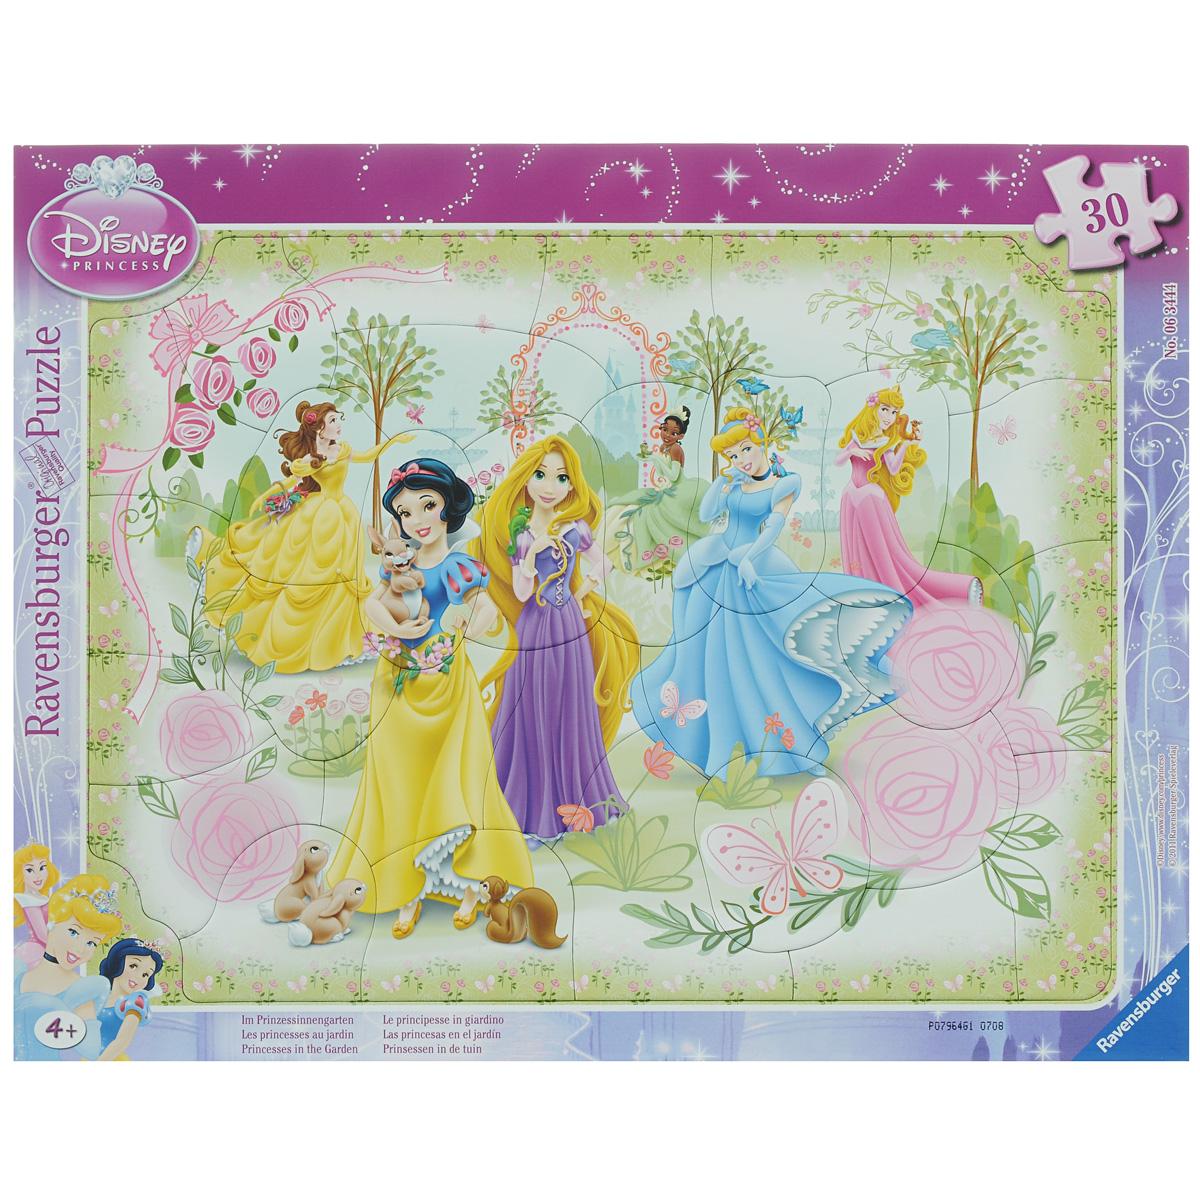 Ravensburger Принцессы в розовом саду. Пазл, 30 элементов06344Пазл Ravensburger Принцессы в розовом саду, несомненно, понравится вашему ребенку. Собрав этот пазл, включающий в себя 30 крупных элементов, вы получите замечательную картинку с изображением принцесс из любимых диснеевских мультфильмов. Пазл собирается на специальной картонной подложке. Элементы пазла достаточно крупные, что идеально подойдет для самых маленьких. Пазлы - замечательная развивающая игра для детей. Собирание пазла развивает у ребенка мелкую моторику рук, тренирует наблюдательность, логическое мышление, знакомит с окружающим миром, с цветом и разнообразными формами, учит усидчивости и терпению, аккуратности и вниманию.